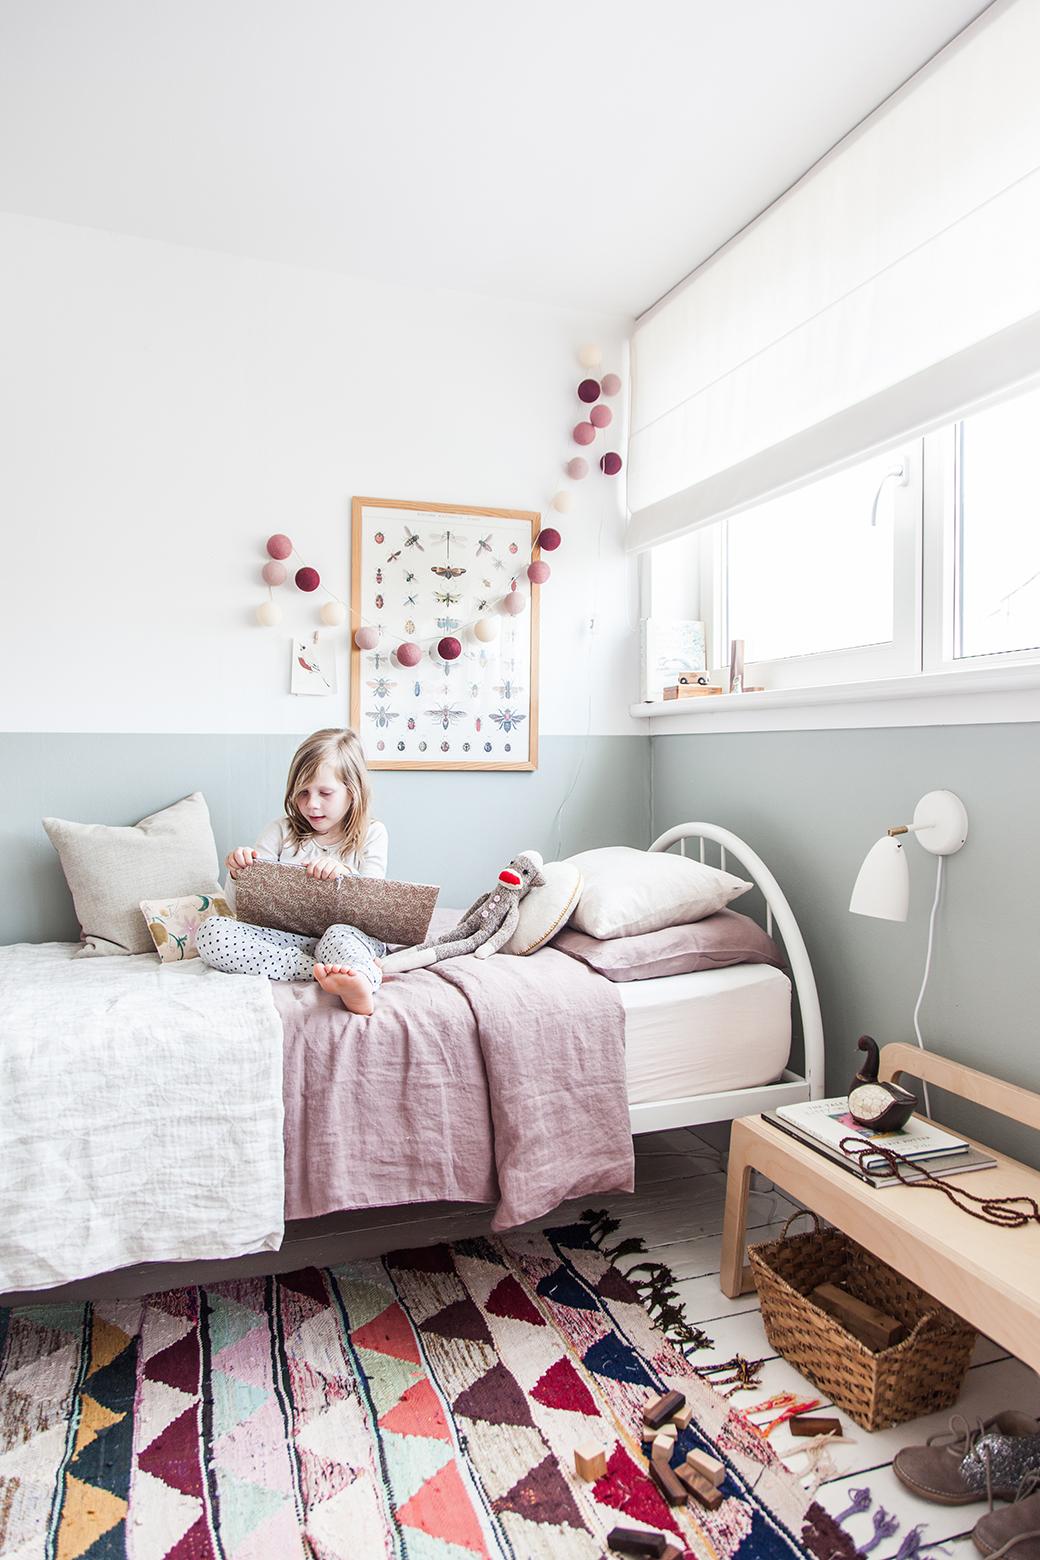 Ikea Wardrobe Hack In Charming Little Girl S Bedroom Decor8